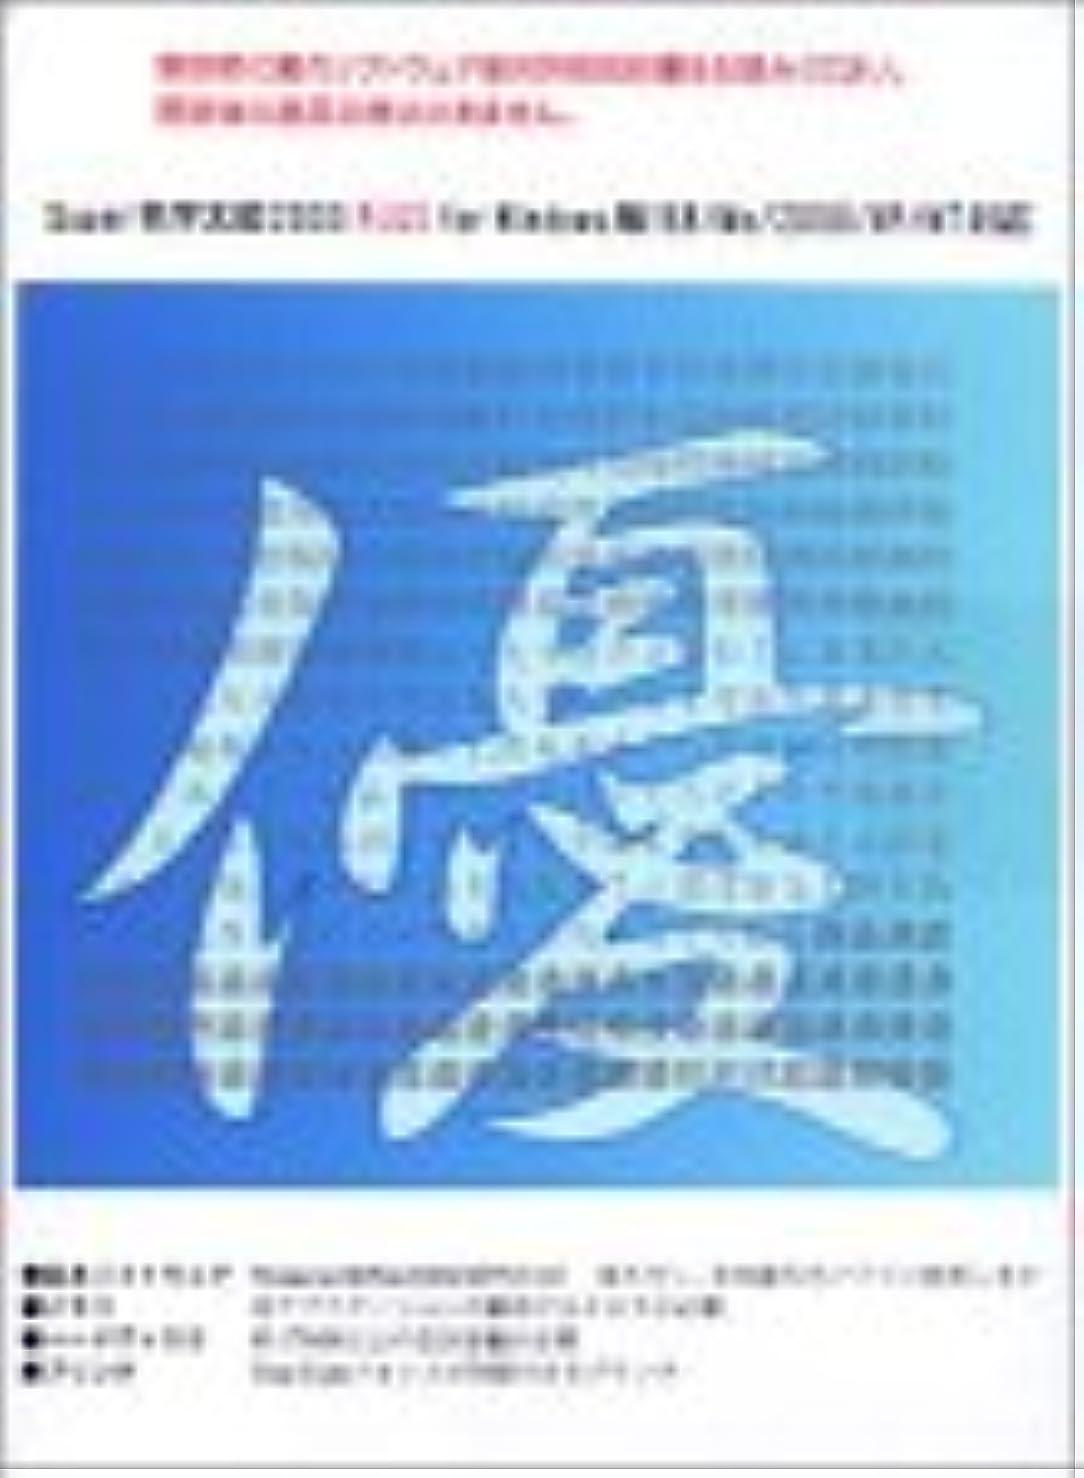 申請者早める楽観Super名字太郎2003 Plus for Windows版 ATOK10/11